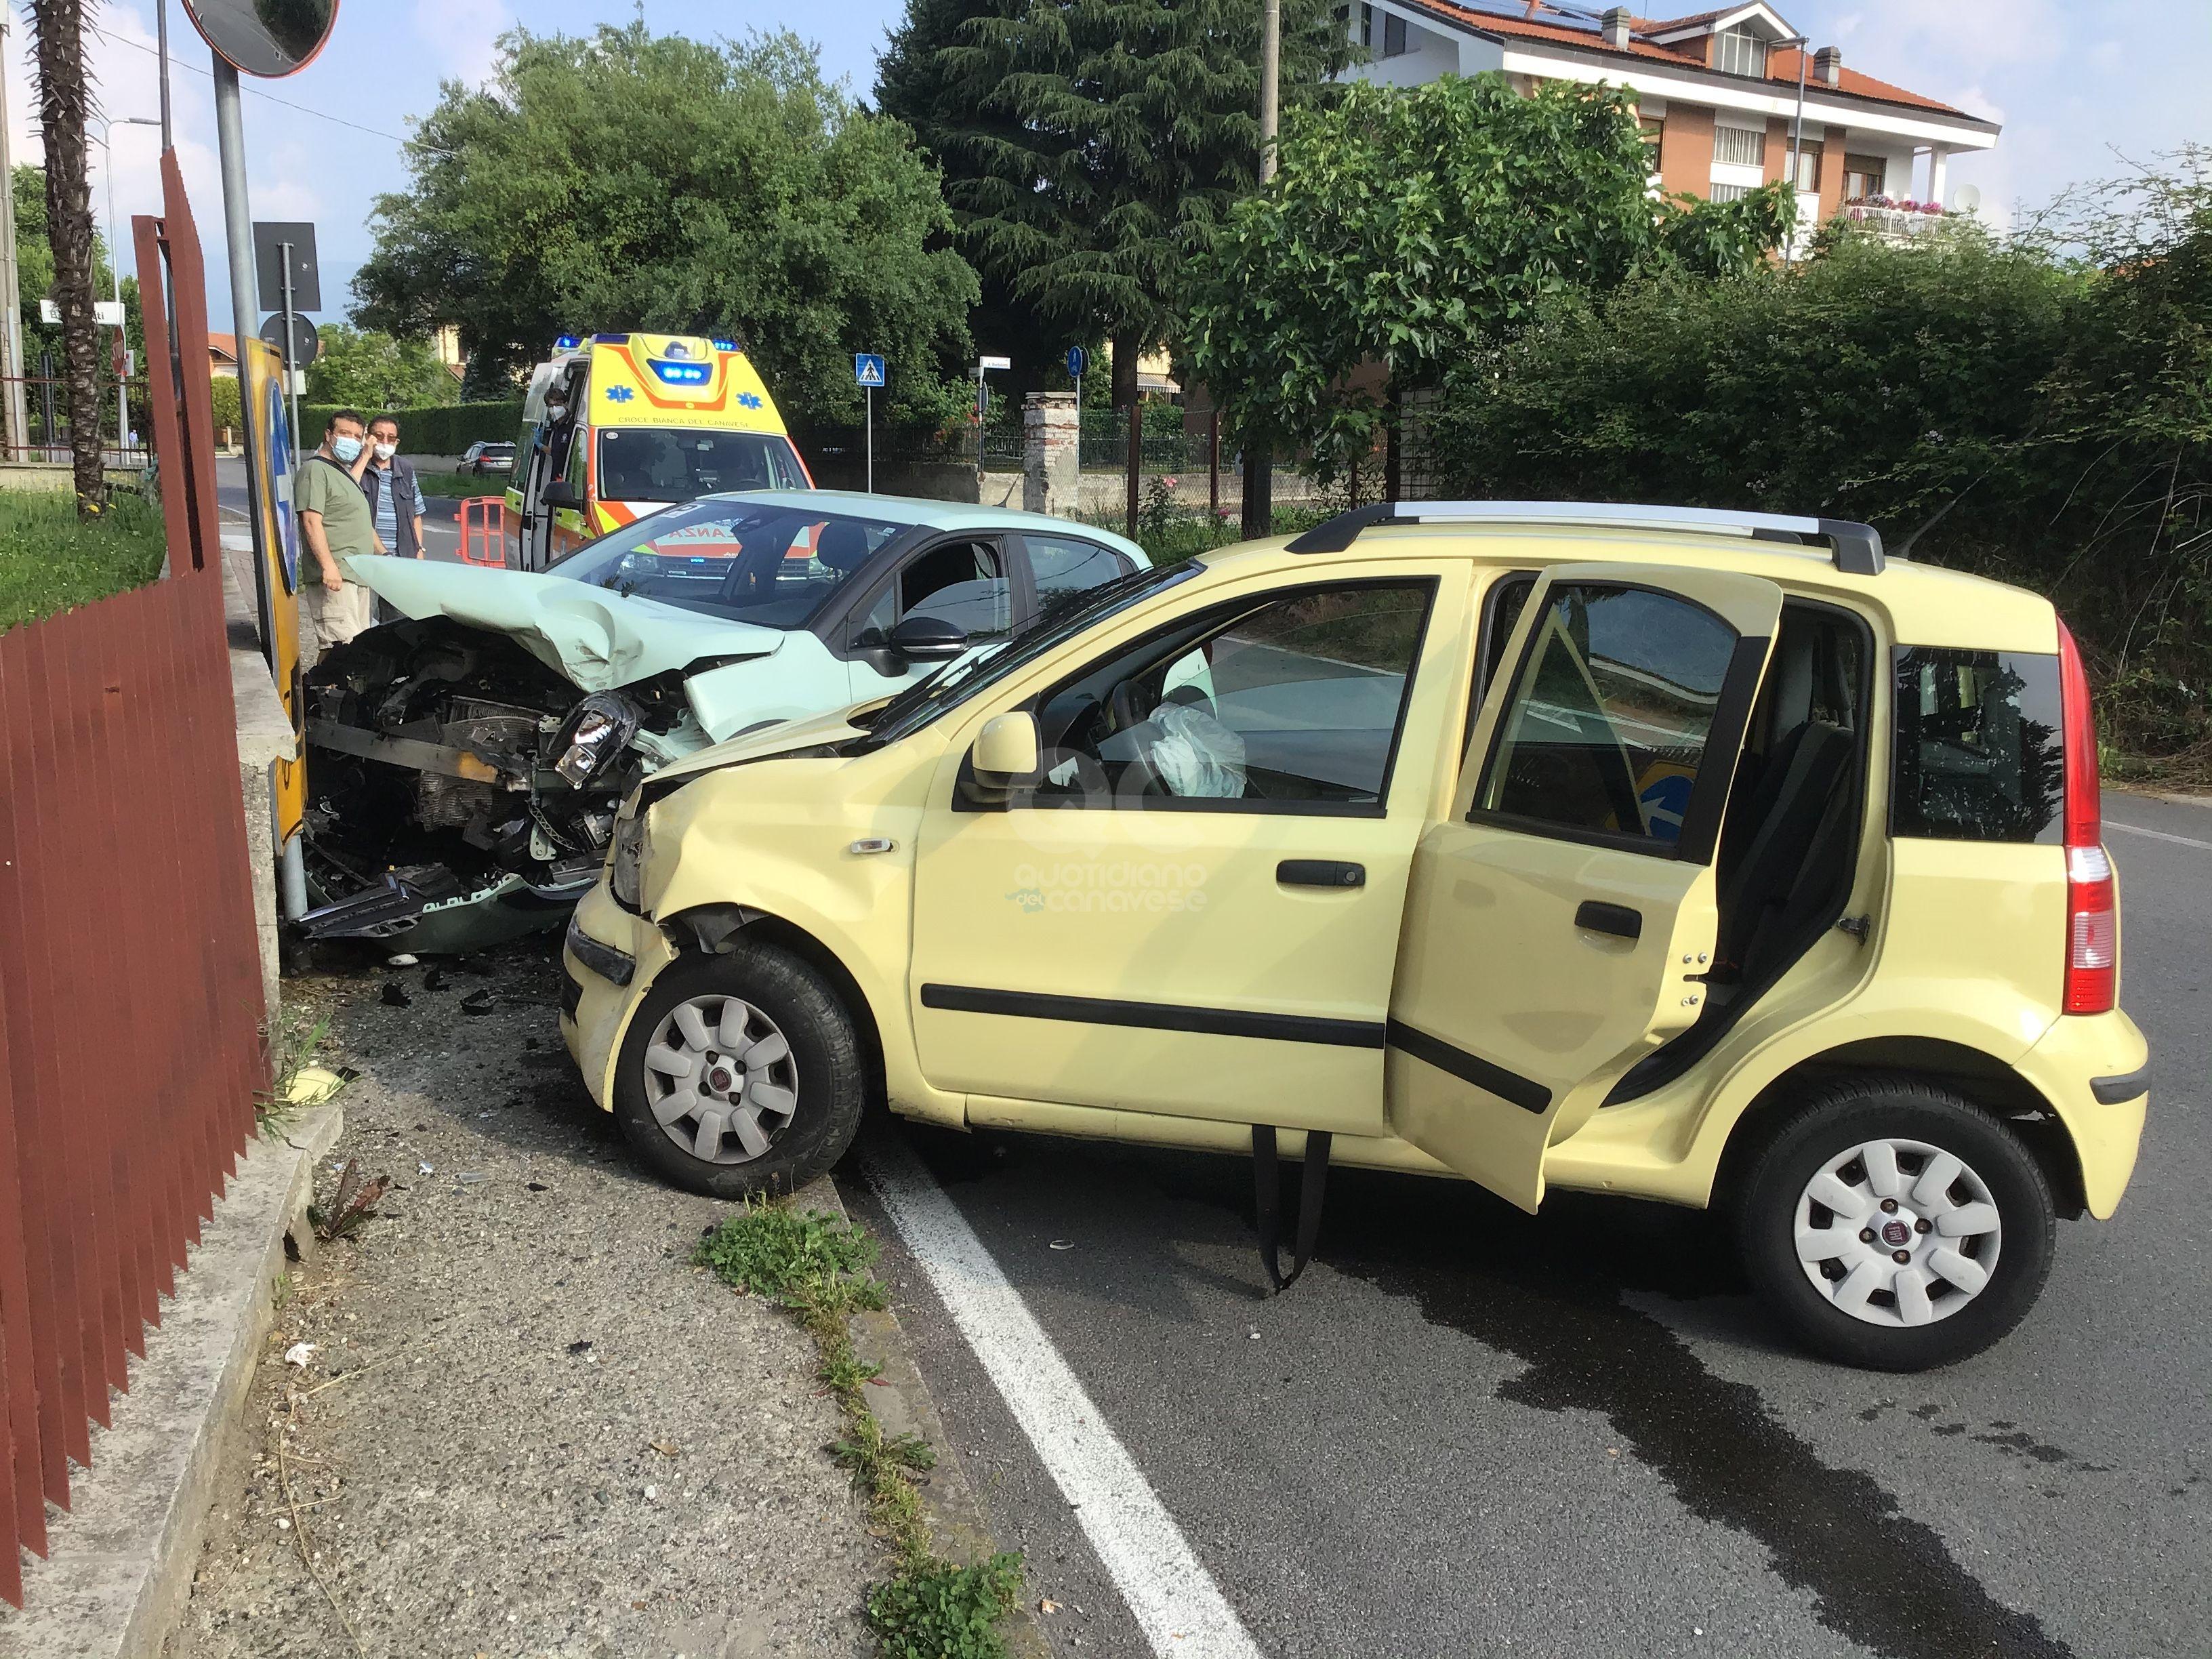 RIVAROLO CANAVESE - Incidente in via Montenero, due auto coinvolte e tre feriti - FOTO E VIDEO